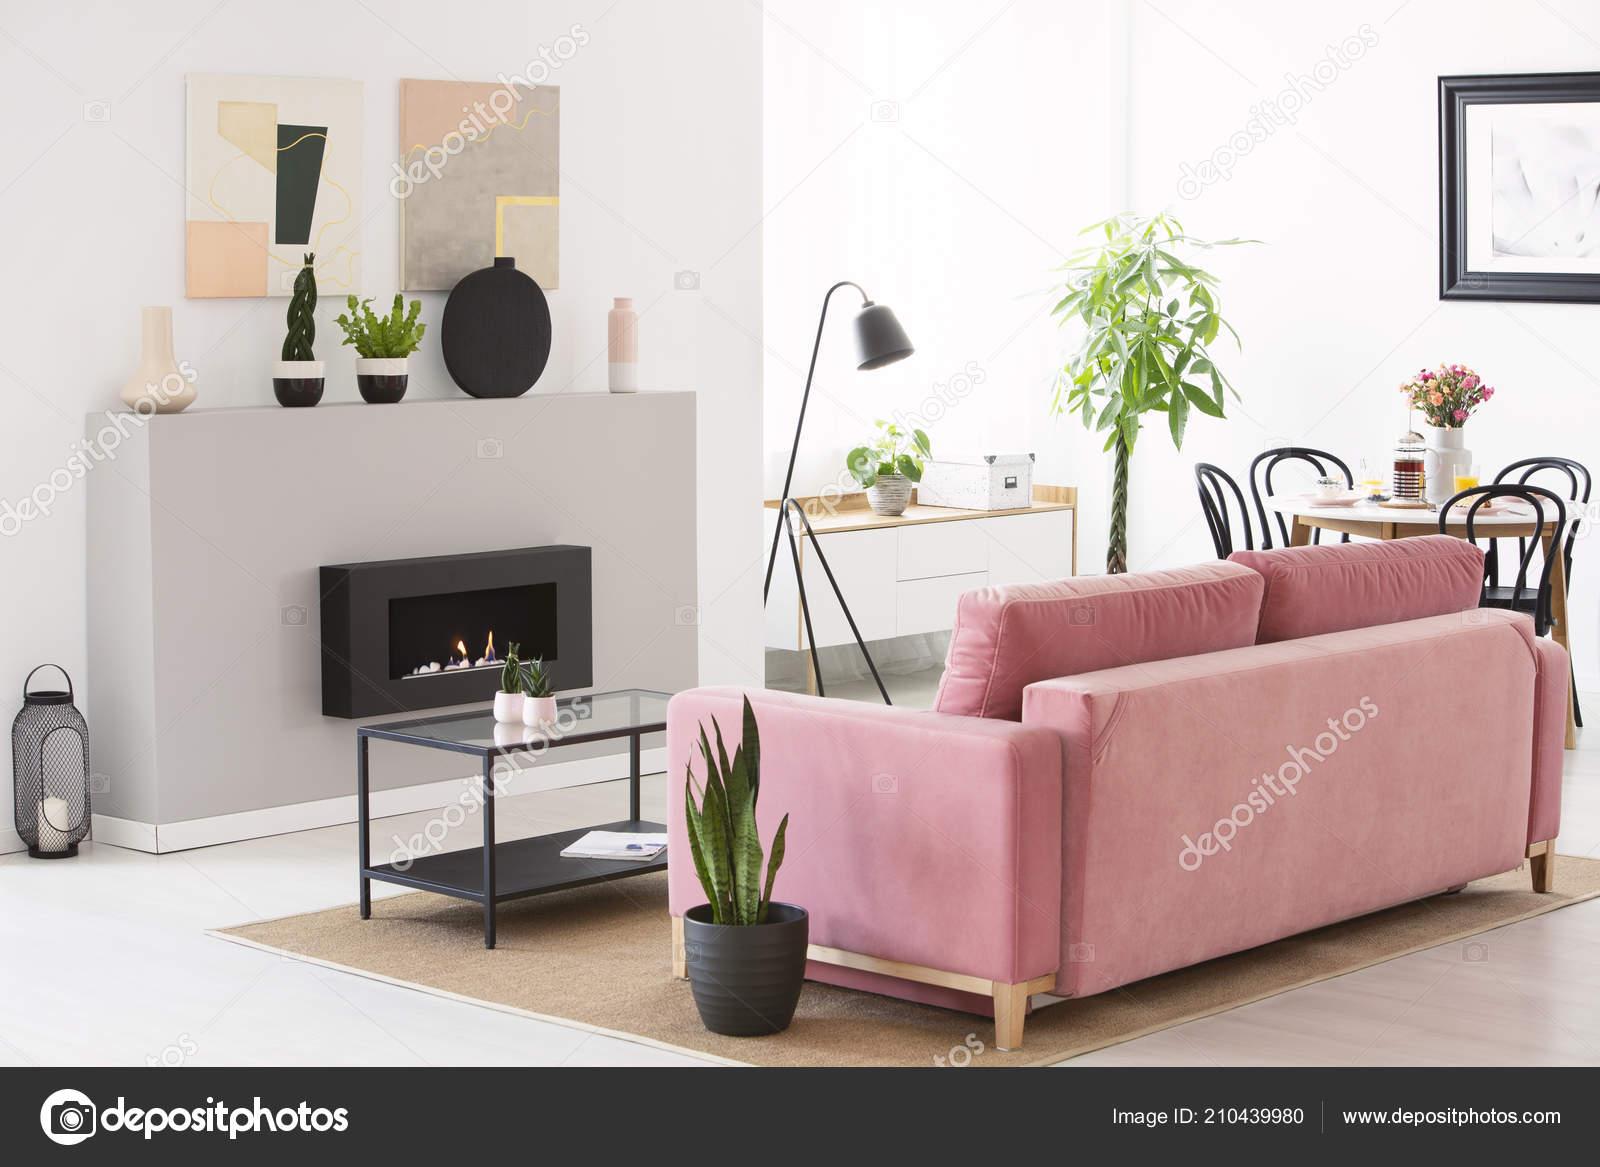 Canapé Velours Rose Permanent Vraie Photo Intérieur Salon Style ...